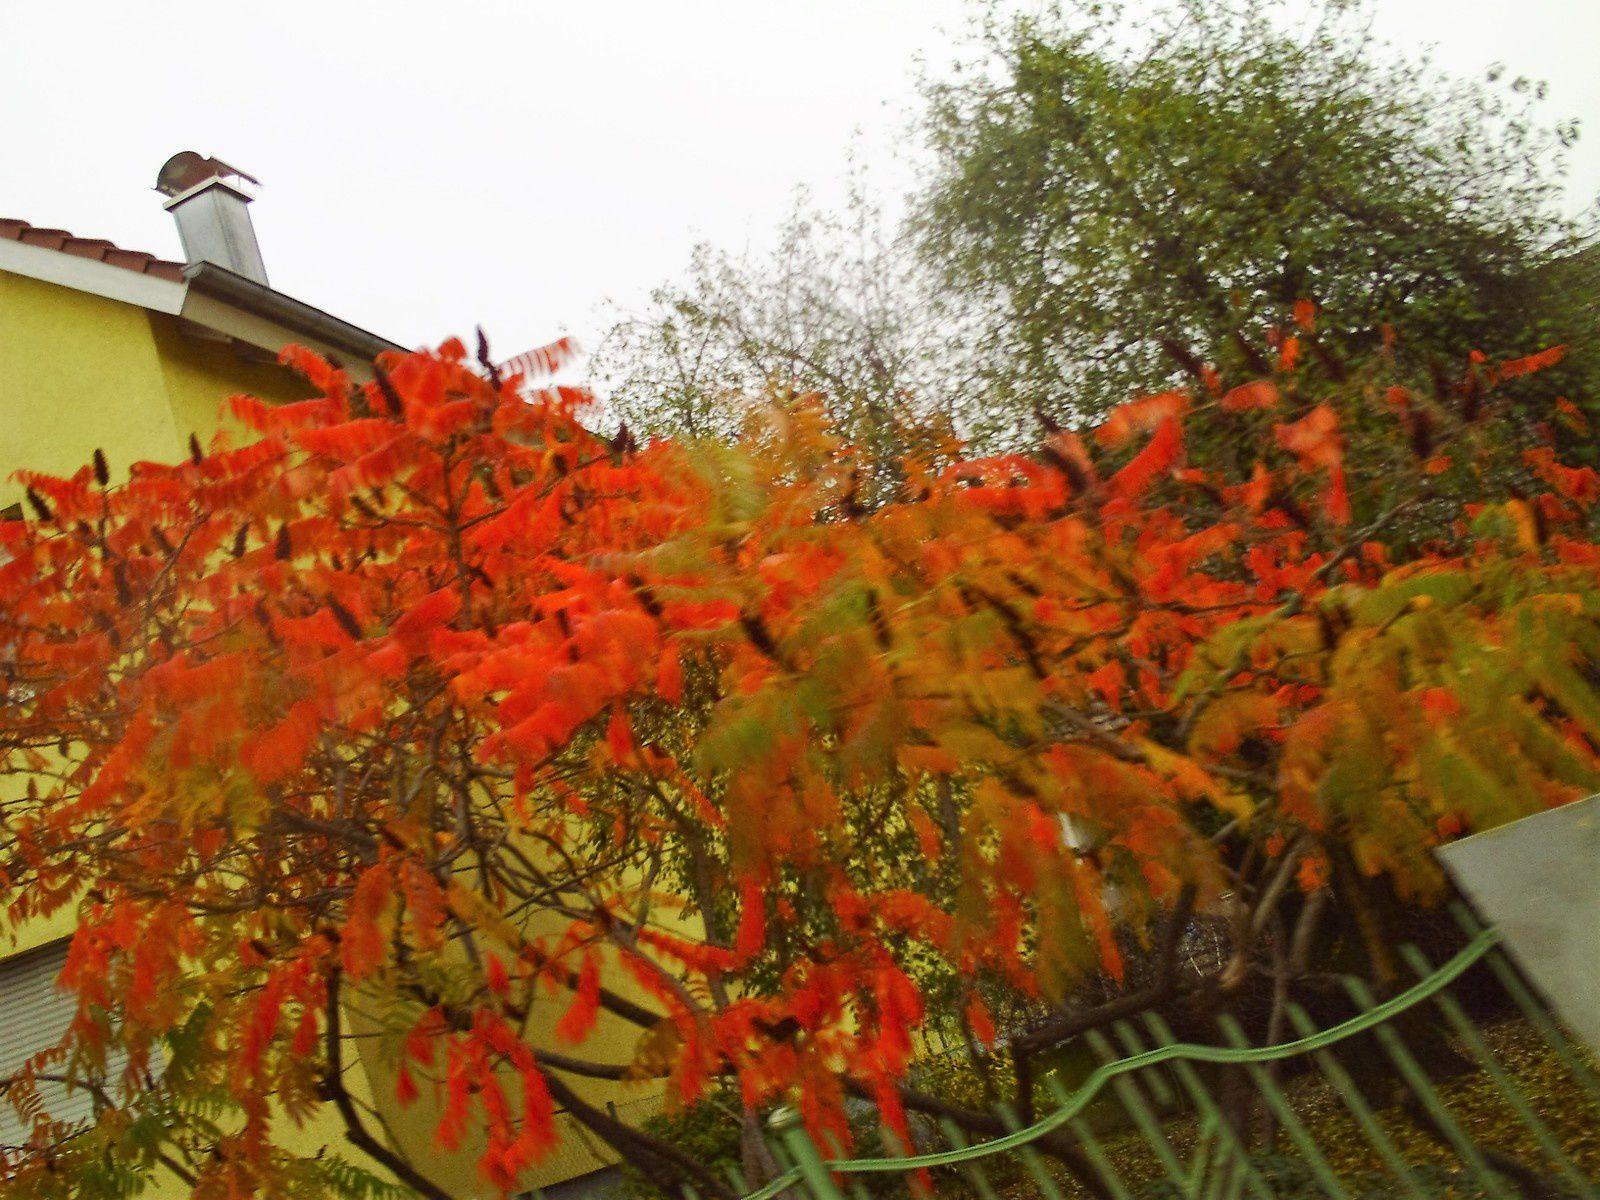 Goldwing - Promenade à Lahr en Germany pour la fête des chrysanthèmes et Gengenbach